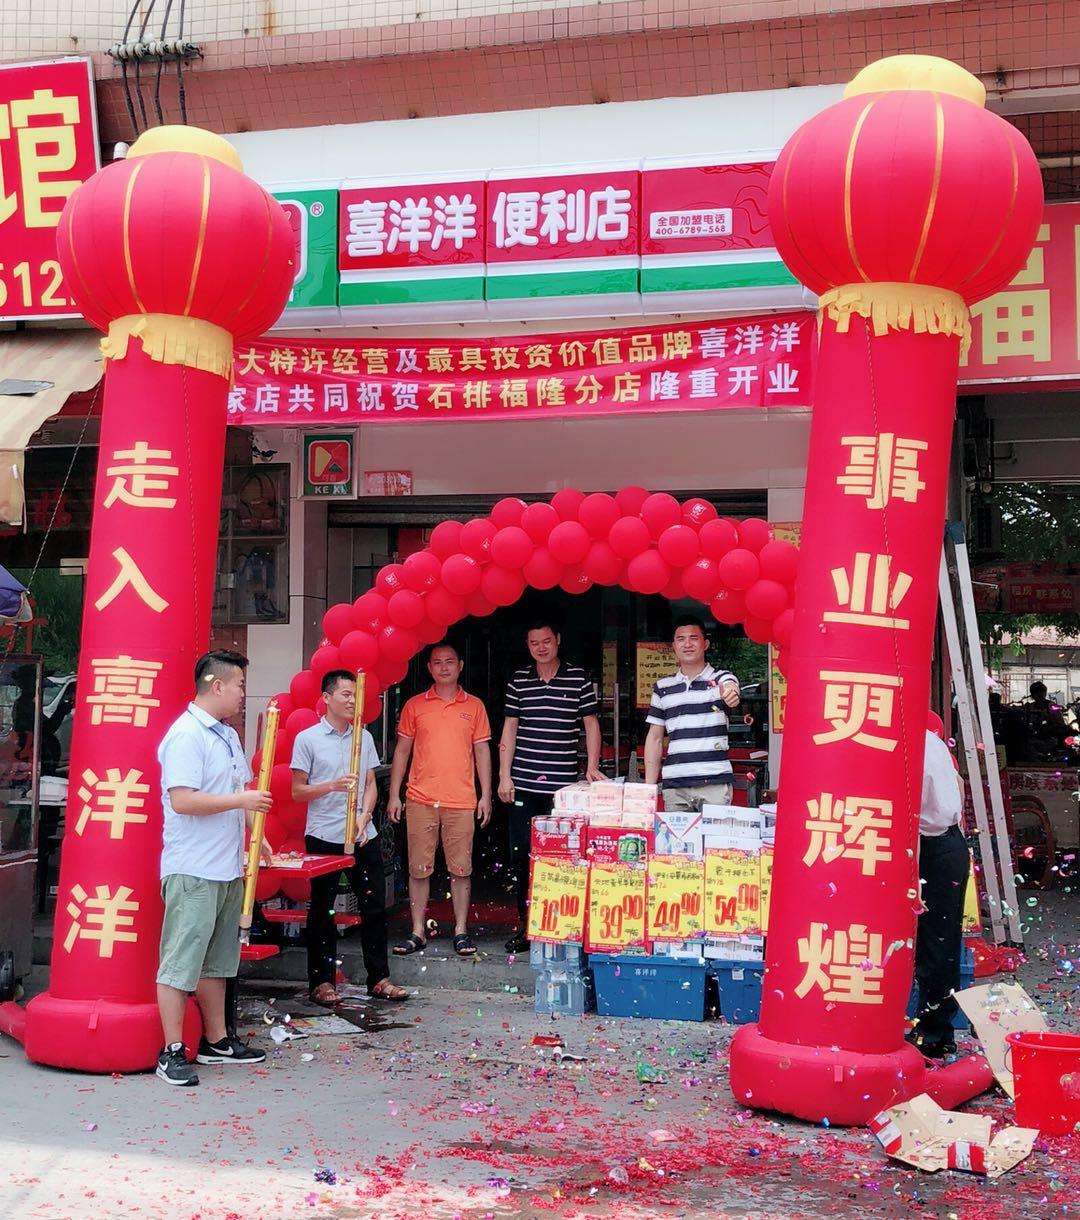 石排镇福隆分店05月22日隆重开业